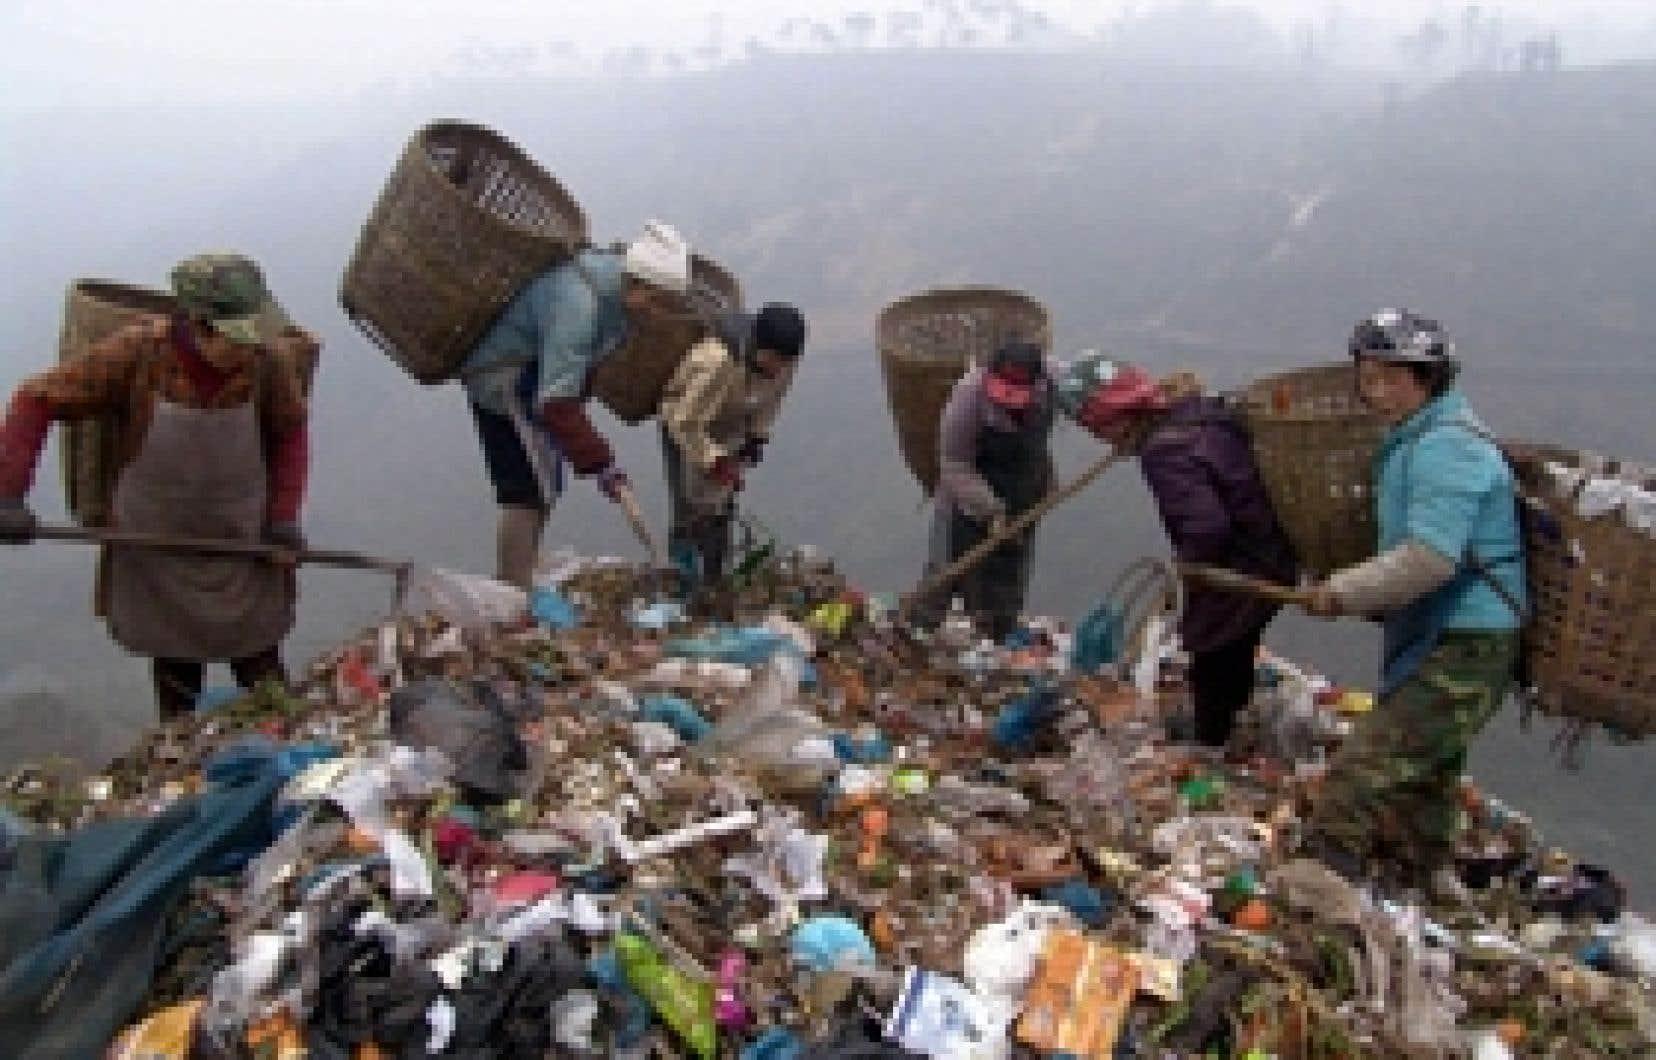 Des villageois fouillent dans les déchets, dans la municipalité de Chongqing, dans le sud-ouest de la Chine. En élevant son seuil de pauvreté, la Chine reconnaît officiellement trois fois plus de nécessiteux que précédemment.